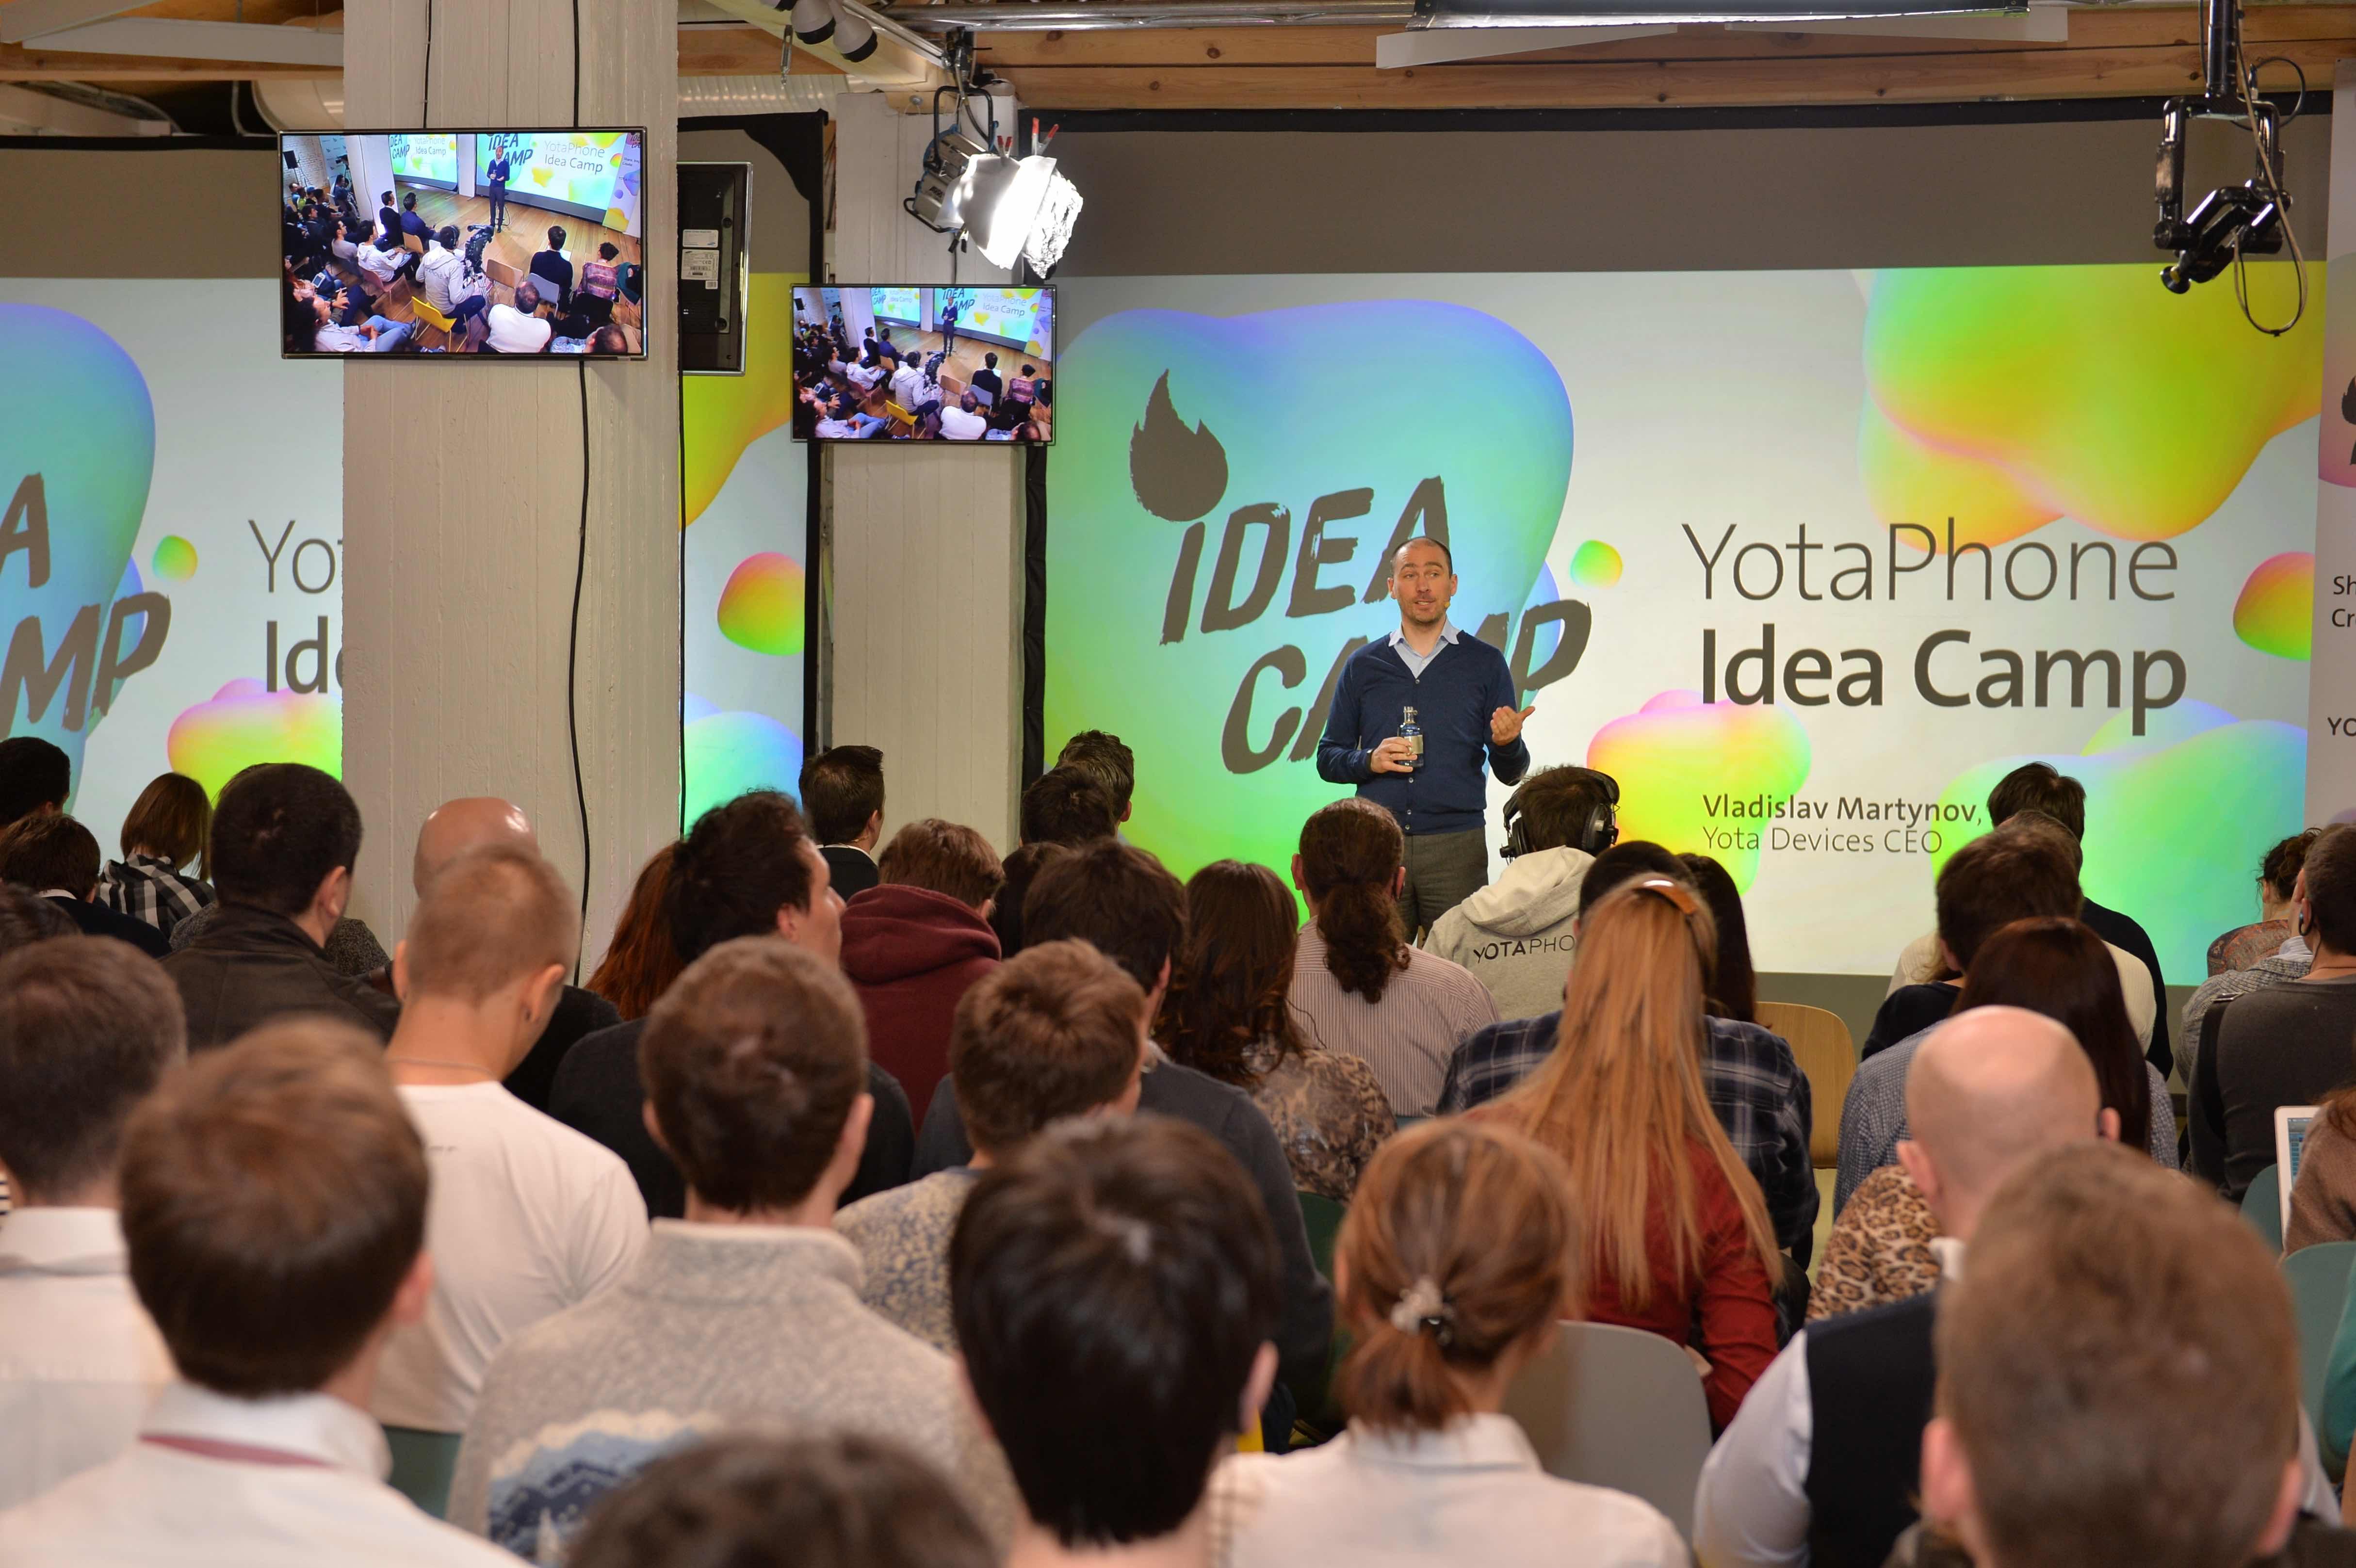 2_yota_yotaphone_event_мероприятие_презентация_брендинг_москва_гараж_абрамович